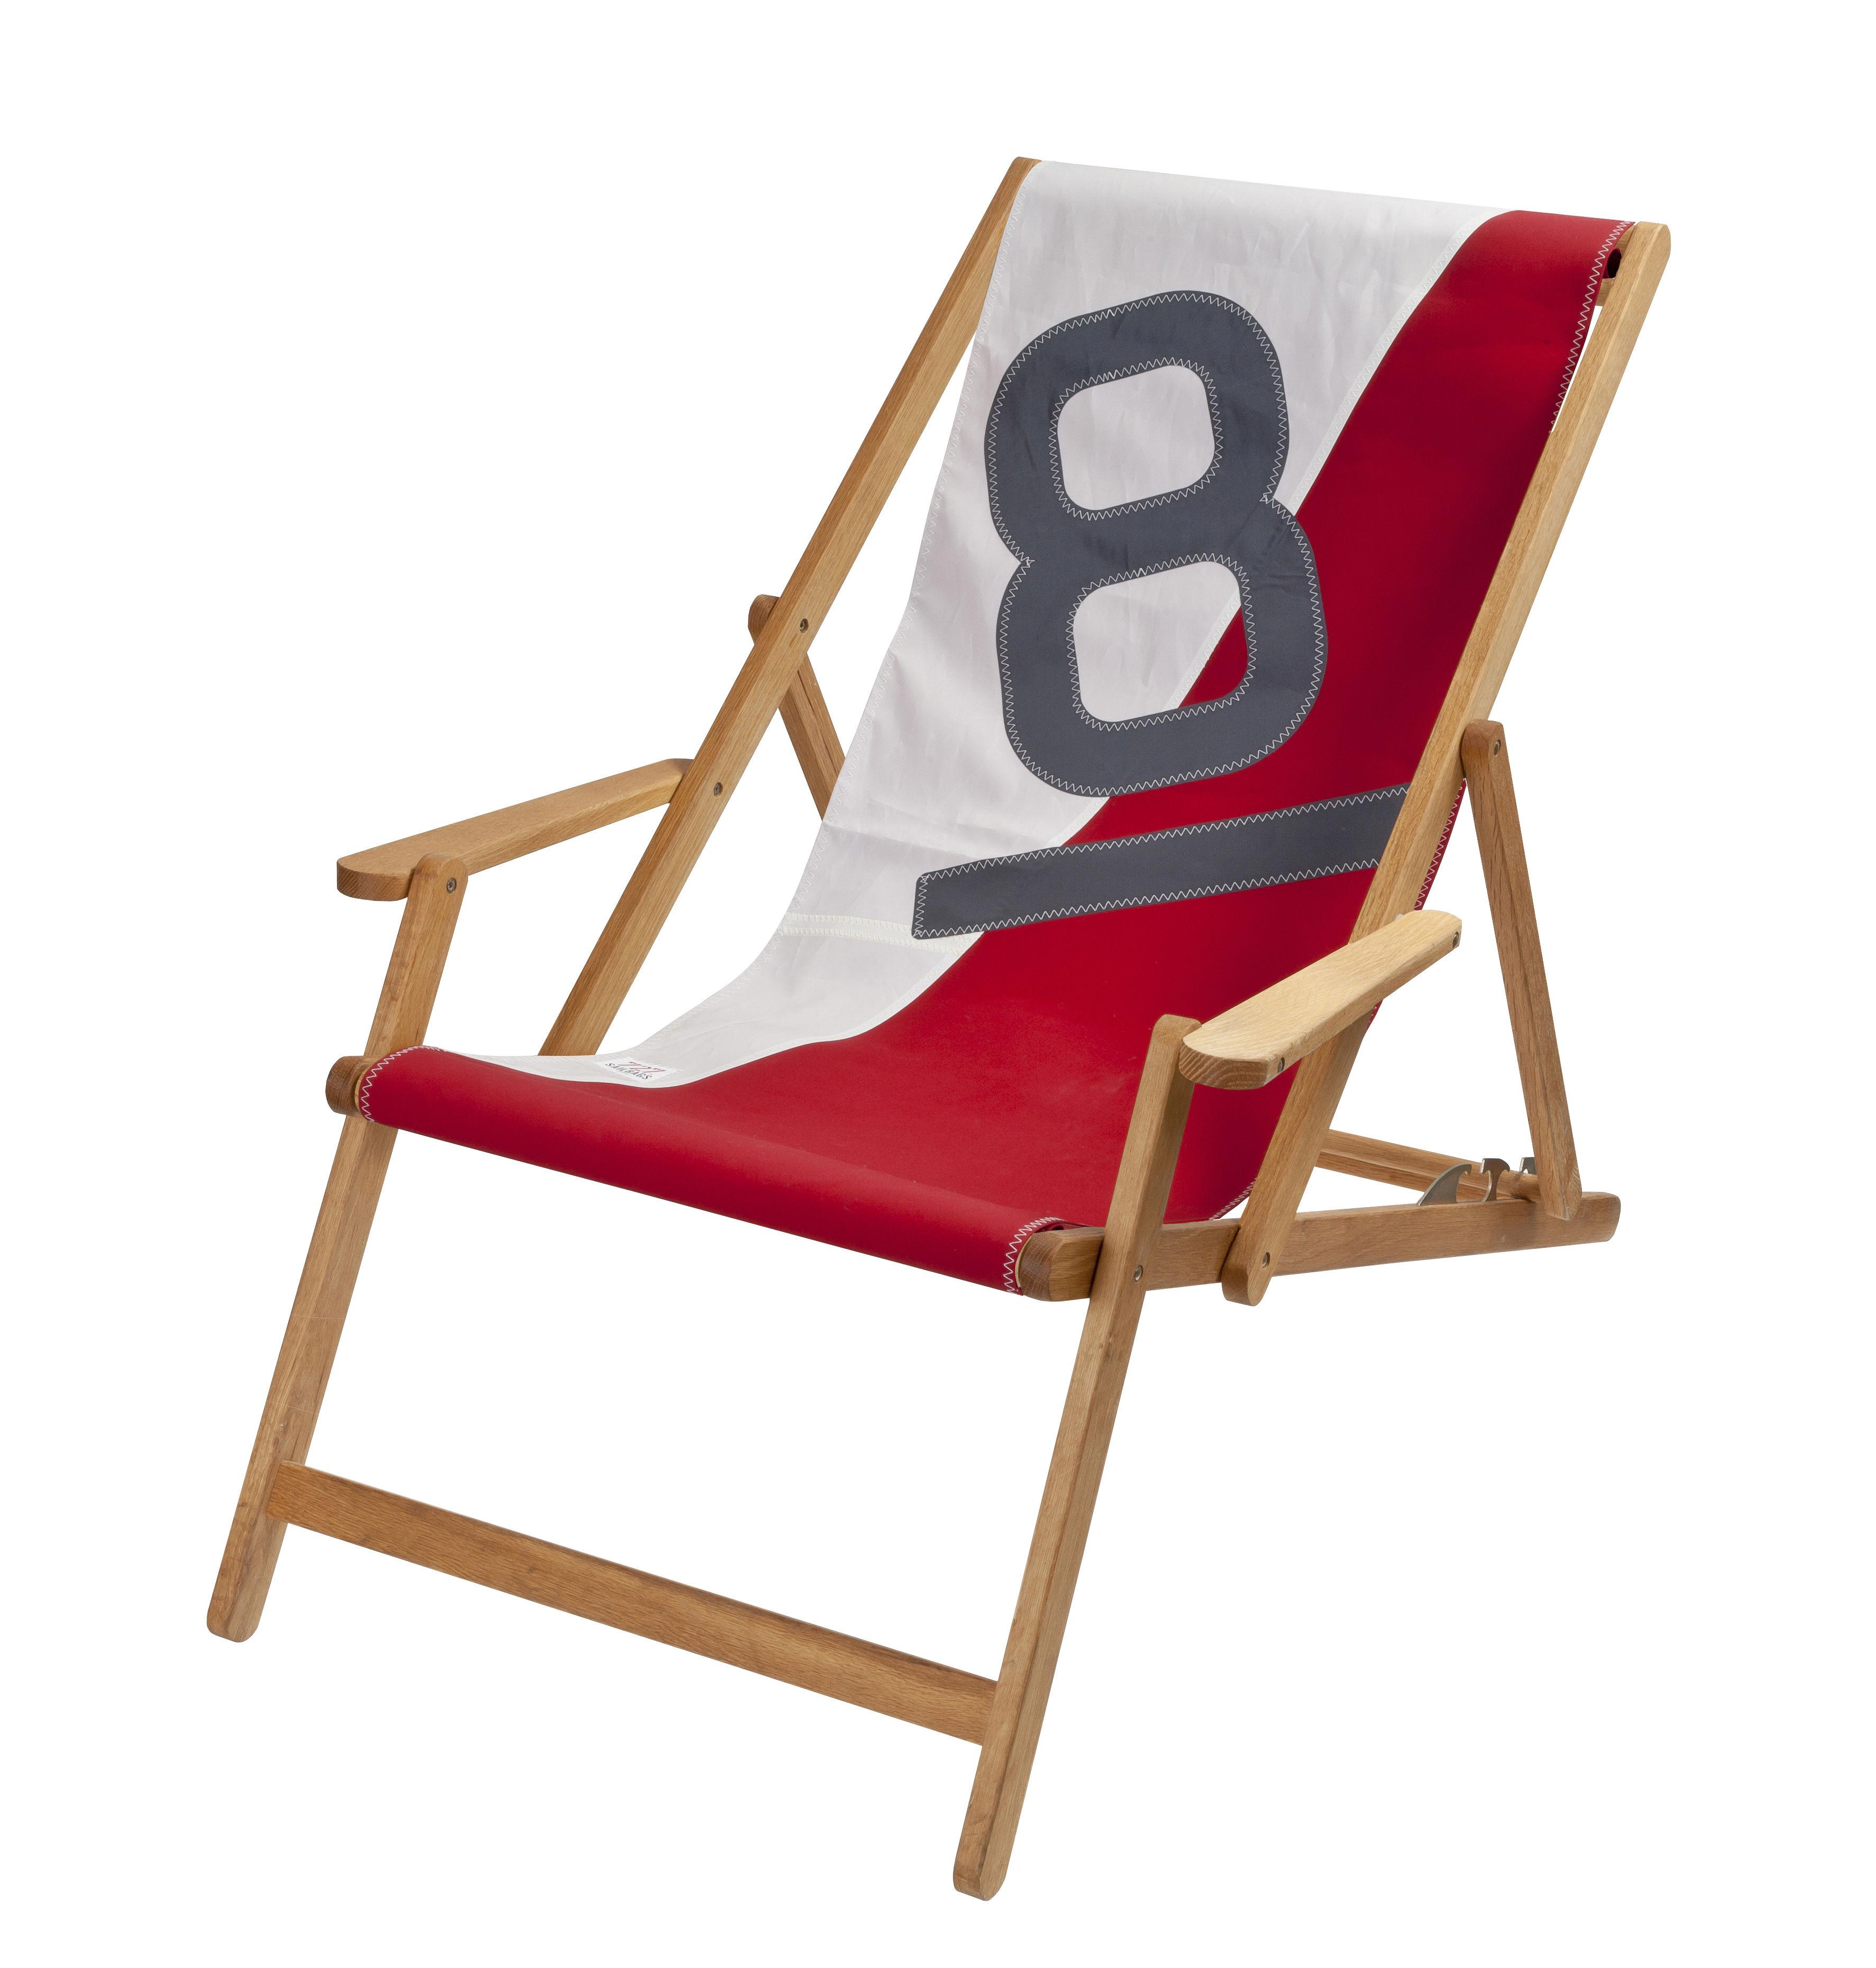 Outdoor - Chaises longues et hamacs - Chaise longue Transat / 3 positions - Voile bateau recyclée - 727 Sailbags  - Blanc & rouge / Chiffre gris - Chêne massif traité, Voile Dacron®